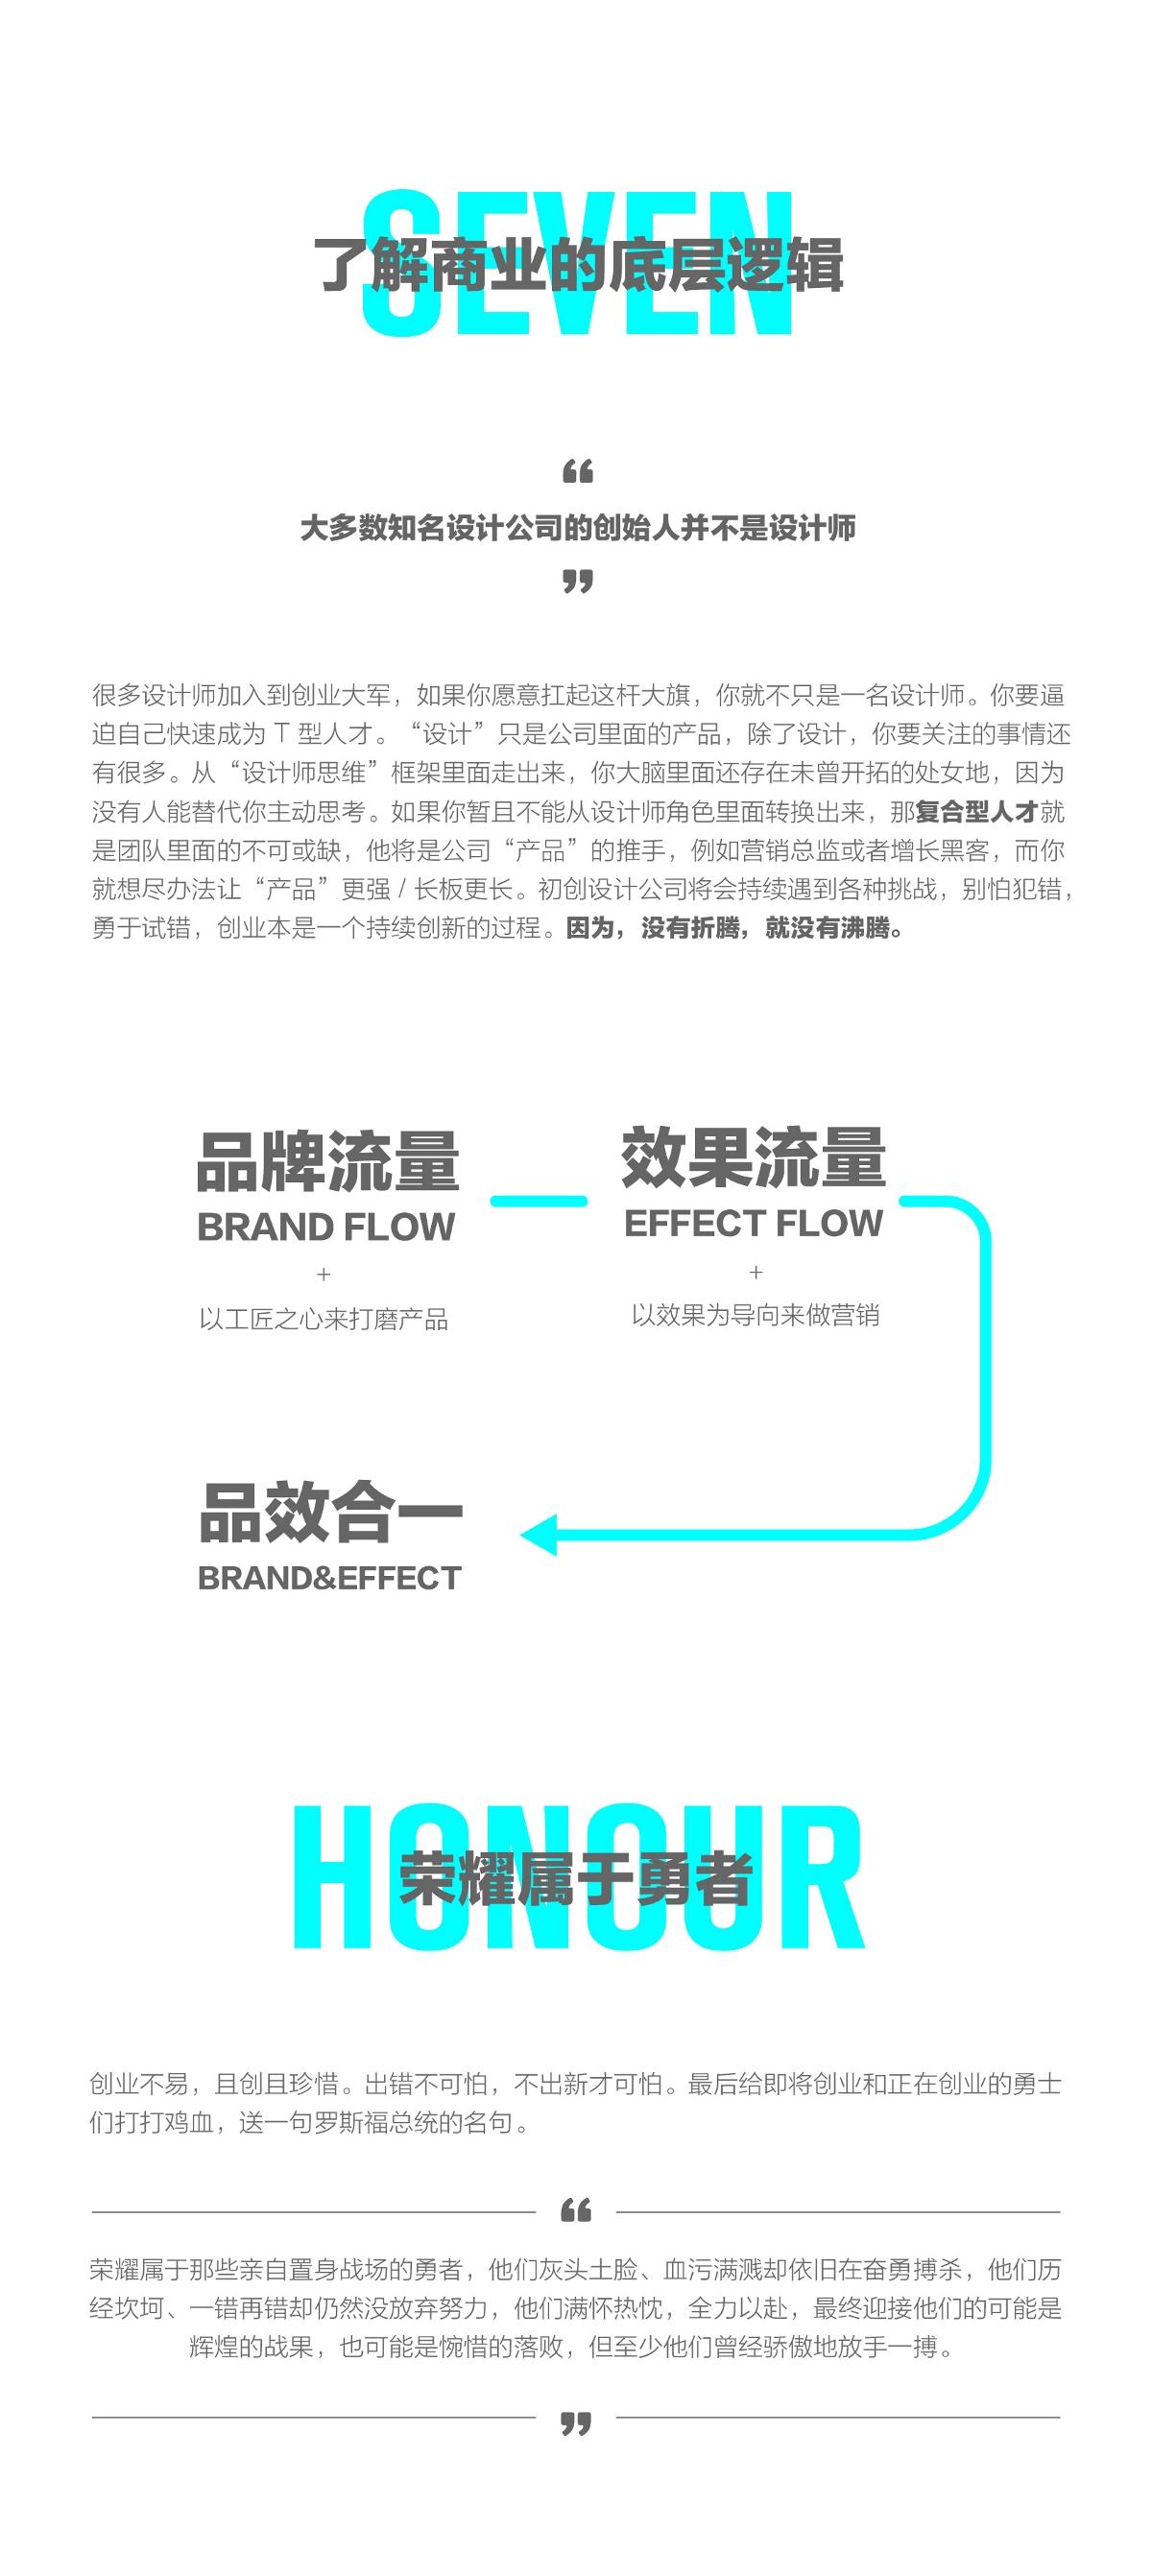 初创设计公司怎么冲破流量困局